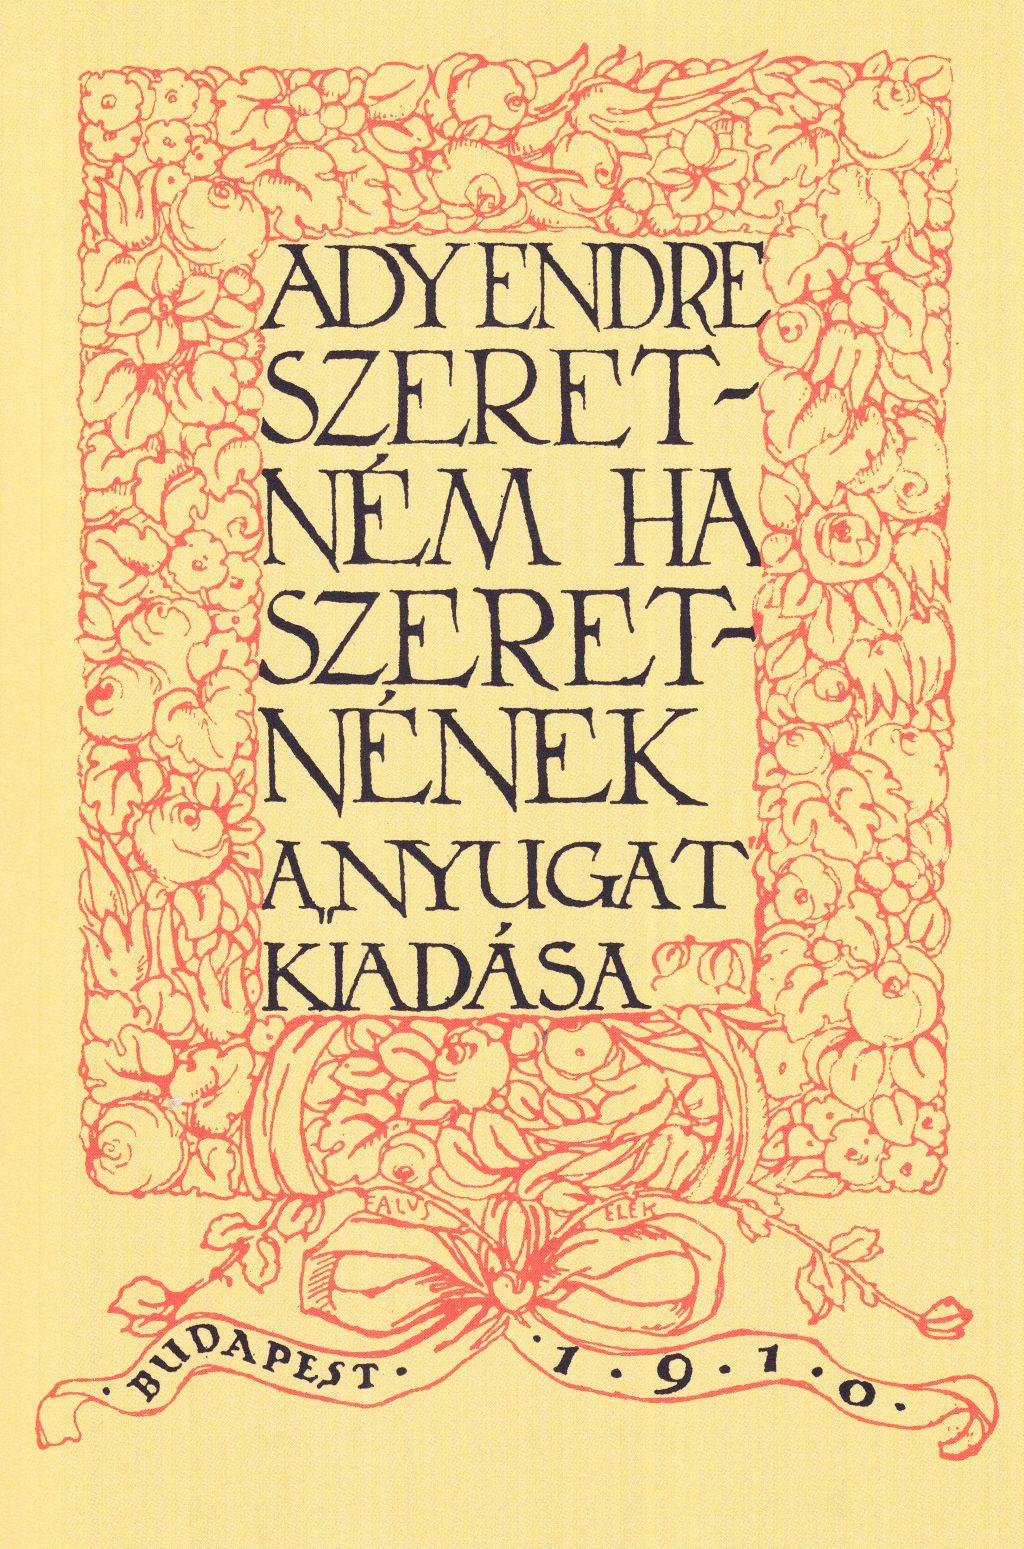 Ady Endre: Szeretném, ha szeretnének című kötetének (1910) reprintkiadása, Országos Széchényi Könyvtár – Kossuth Kiadó, 2019. http://www.oszk.hu/kiadvany/szeretnem-ha-szeretnenek-1910